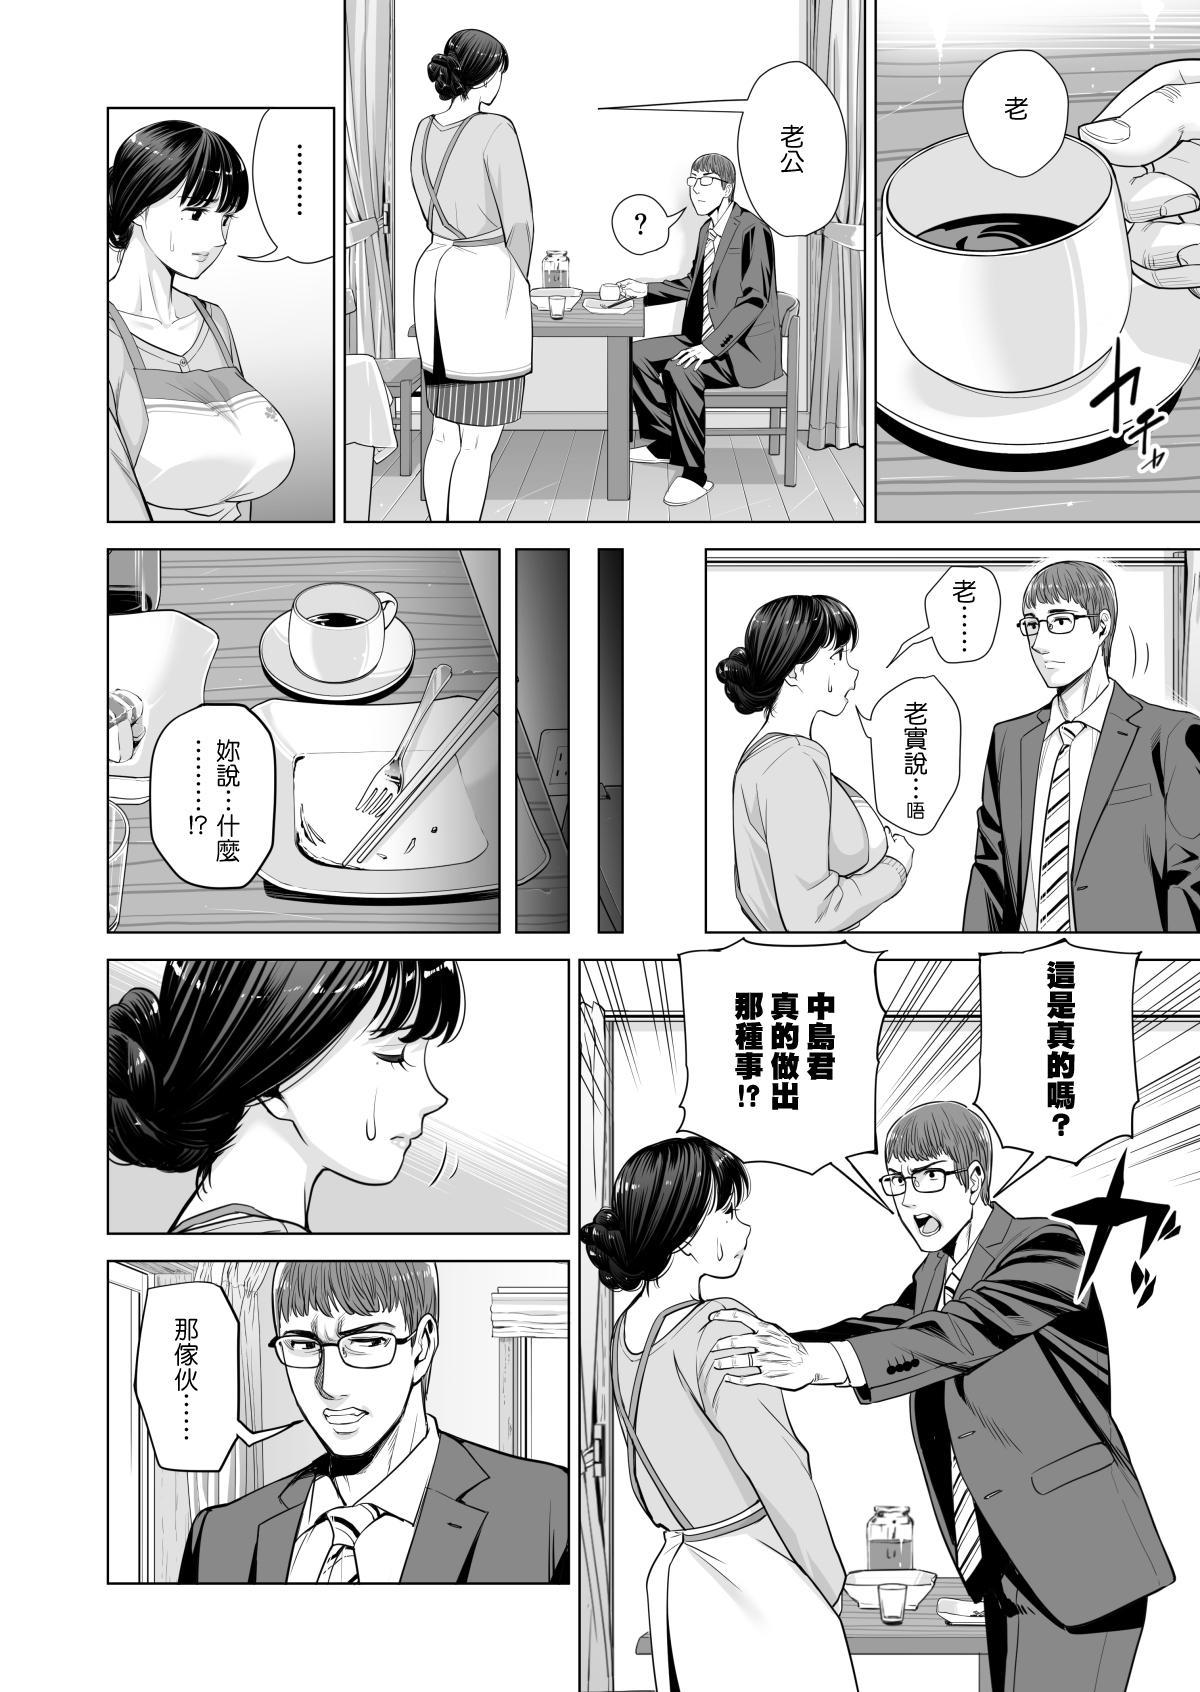 [HGT Lab (Tsusauto)] Tsukiyo no Midare Zake ~Hitozuma wa Yoitsubureta Otto no Soba de Douryou ni Netorareru~ Kouhen (CHINESE) 22